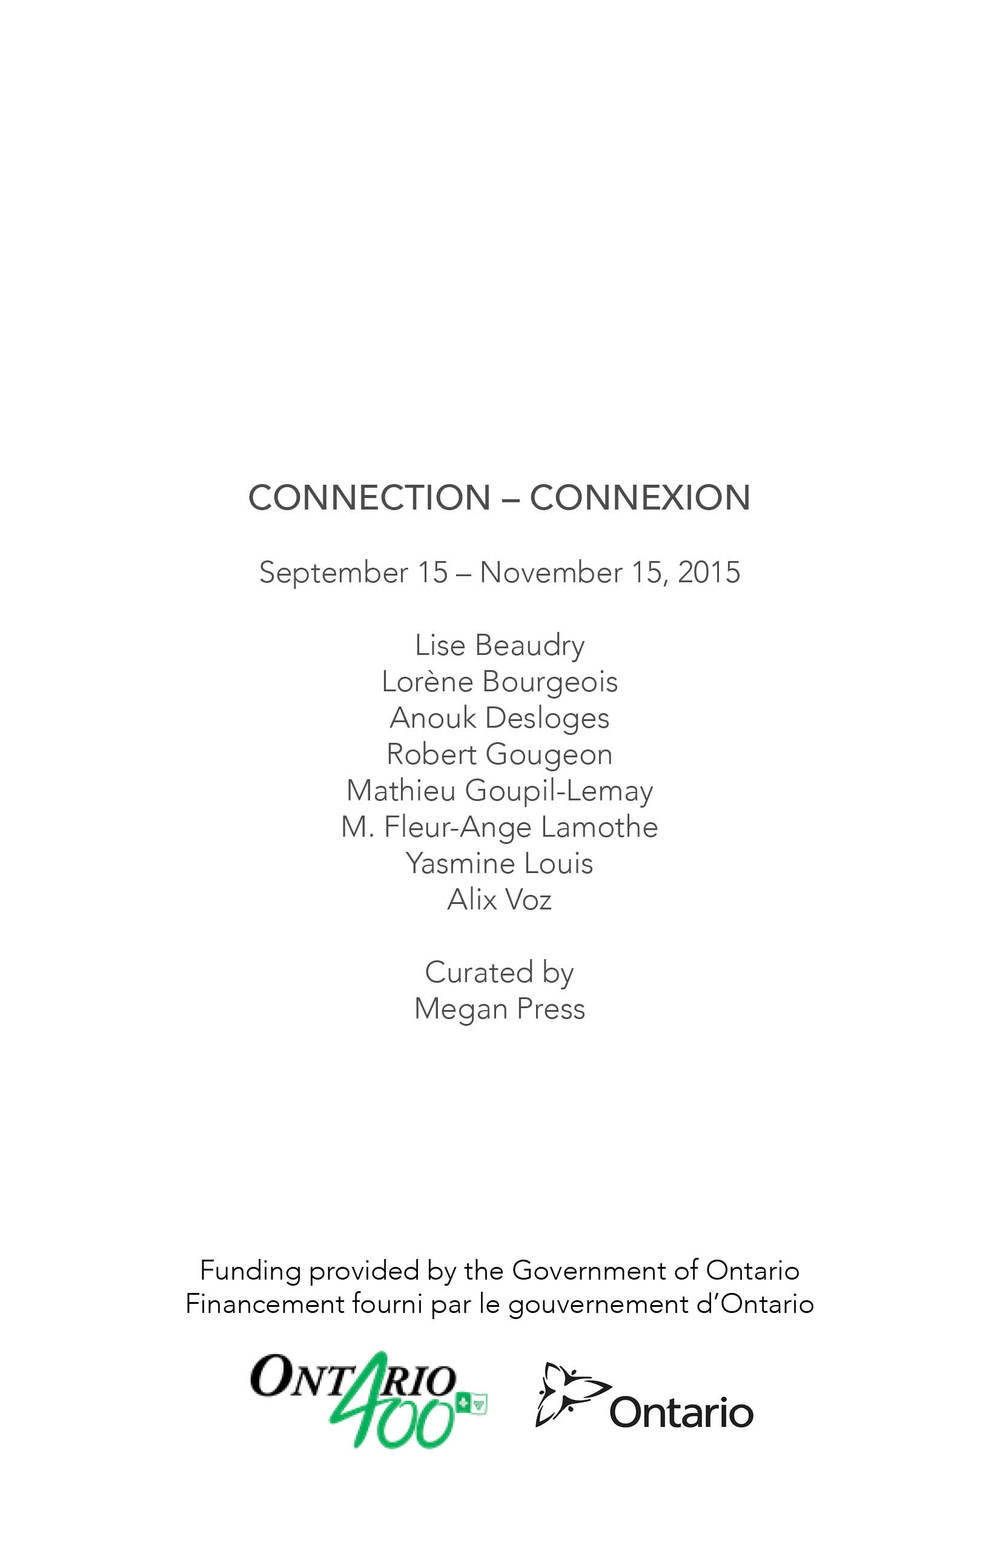 Connection-Connexion Catalogue3.jpg